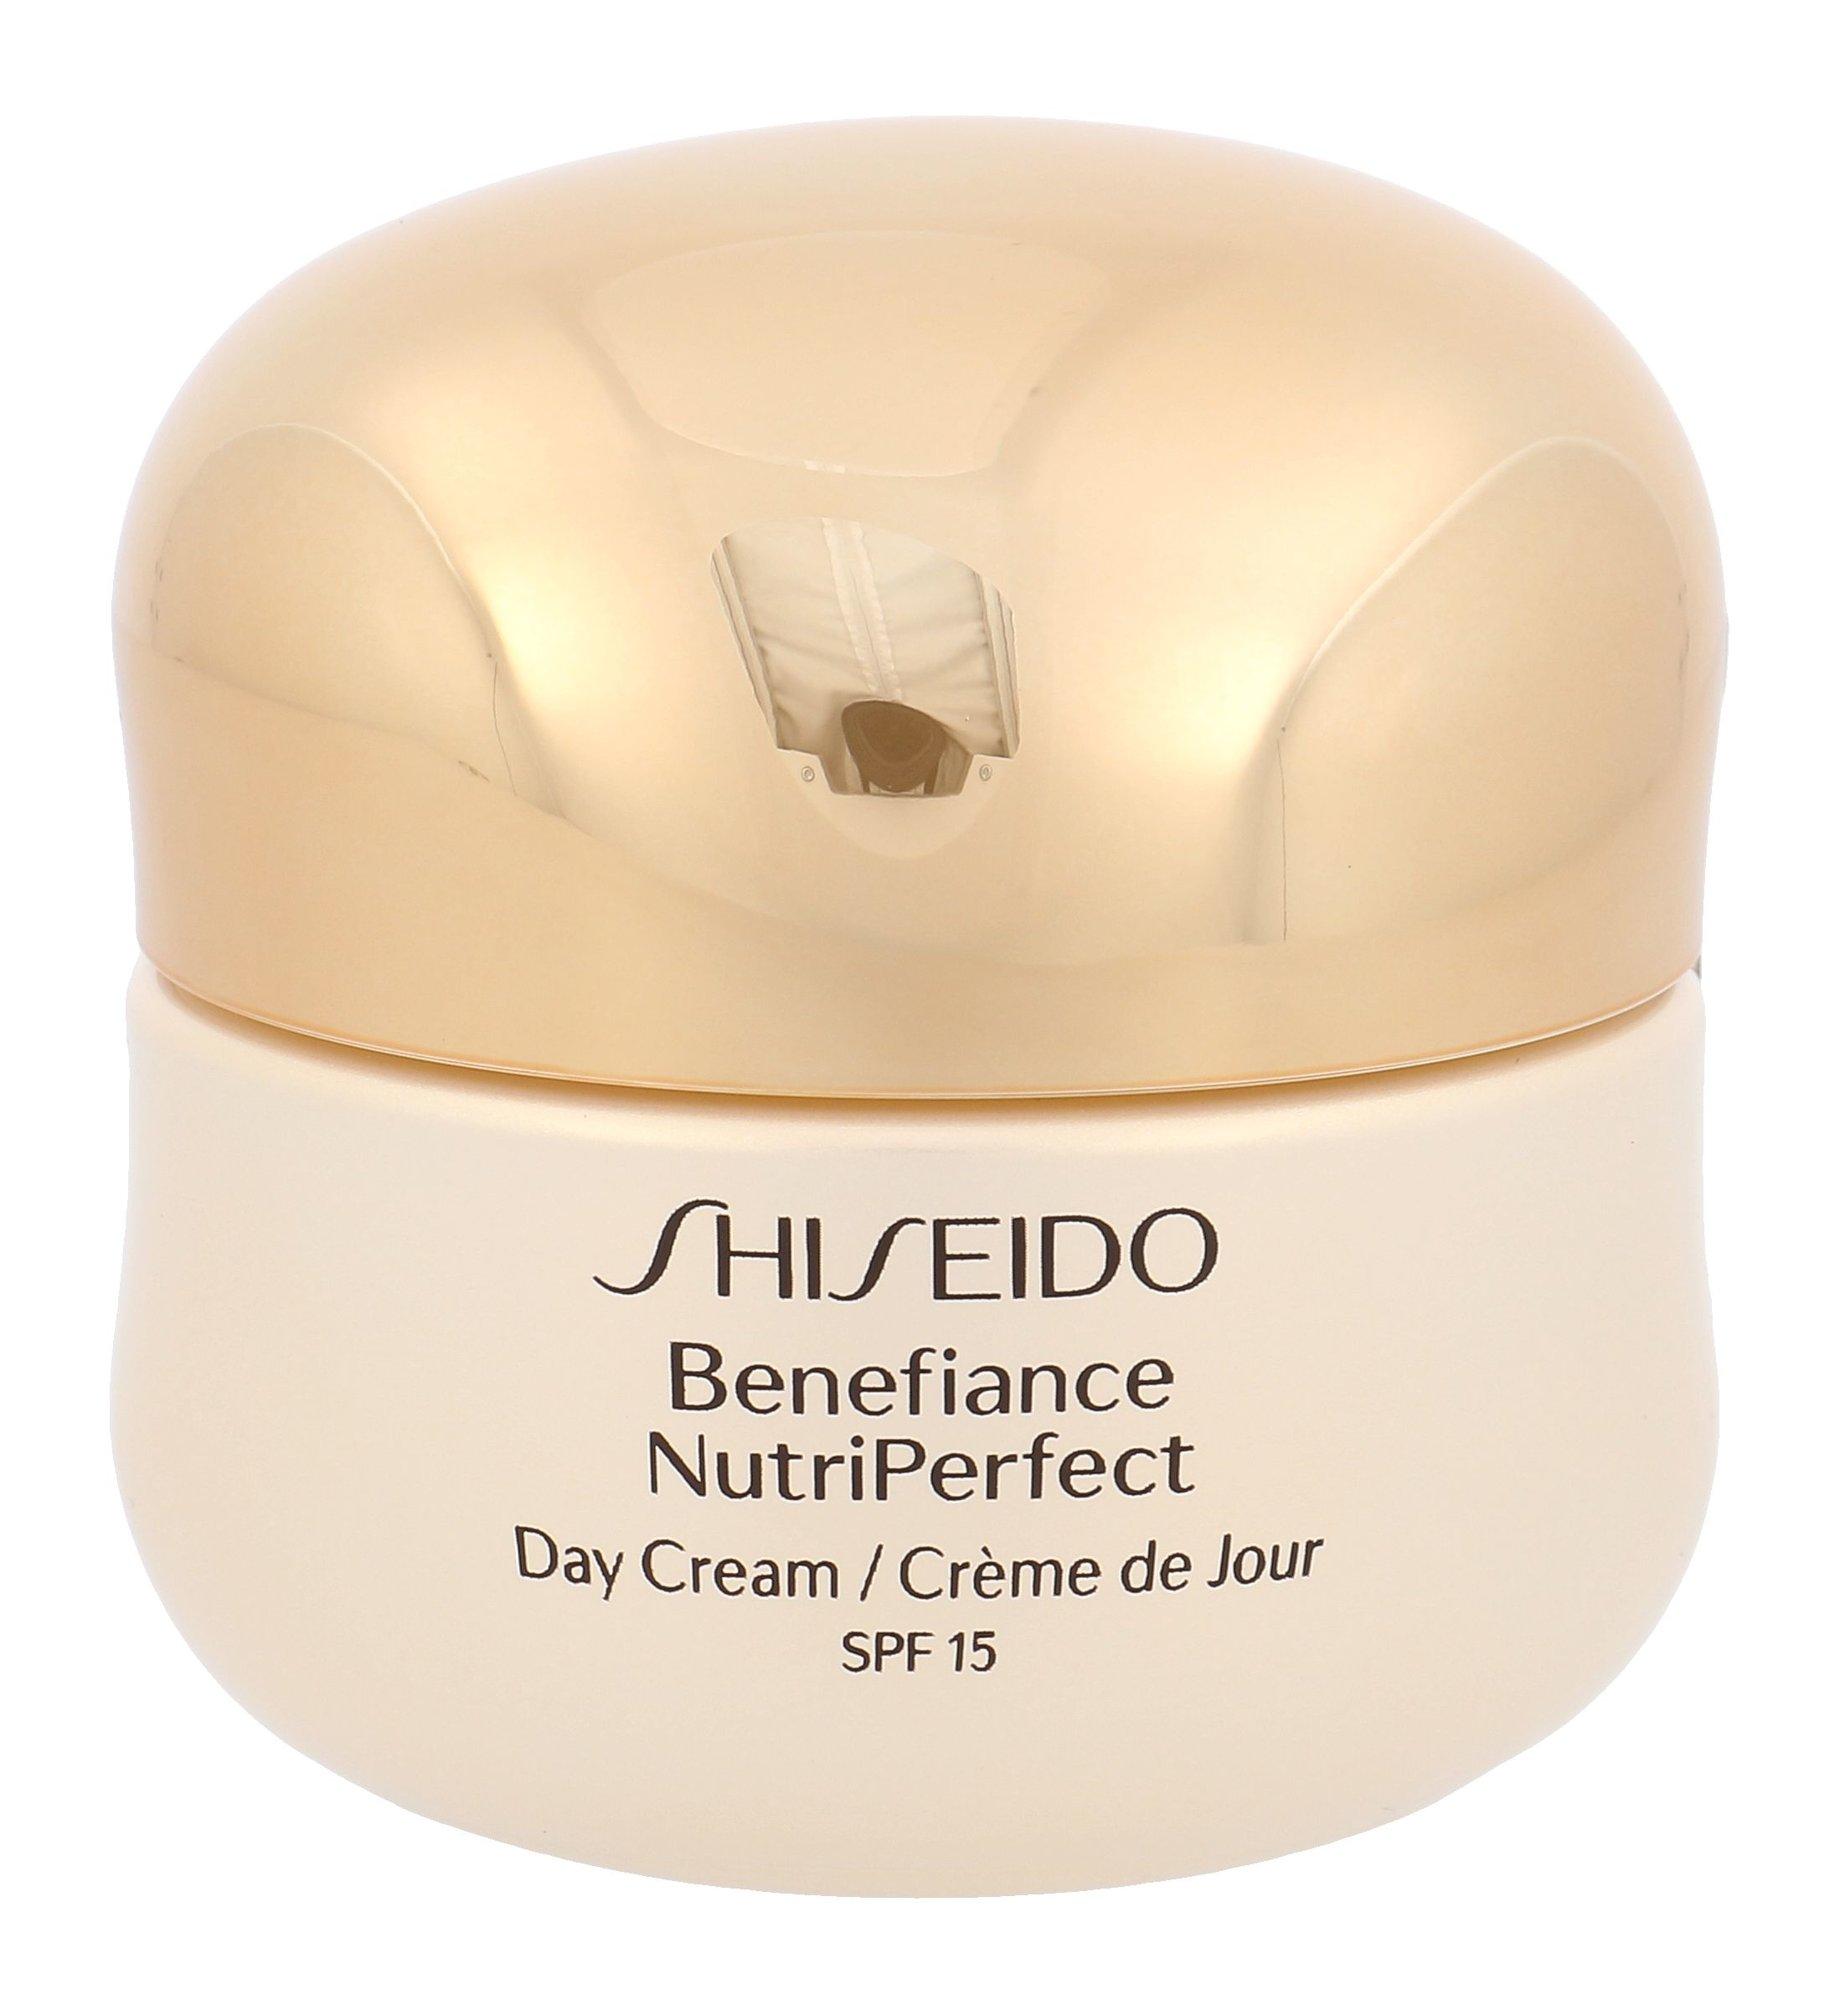 Shiseido Benefiance NutriPerfect Cosmetic 50ml